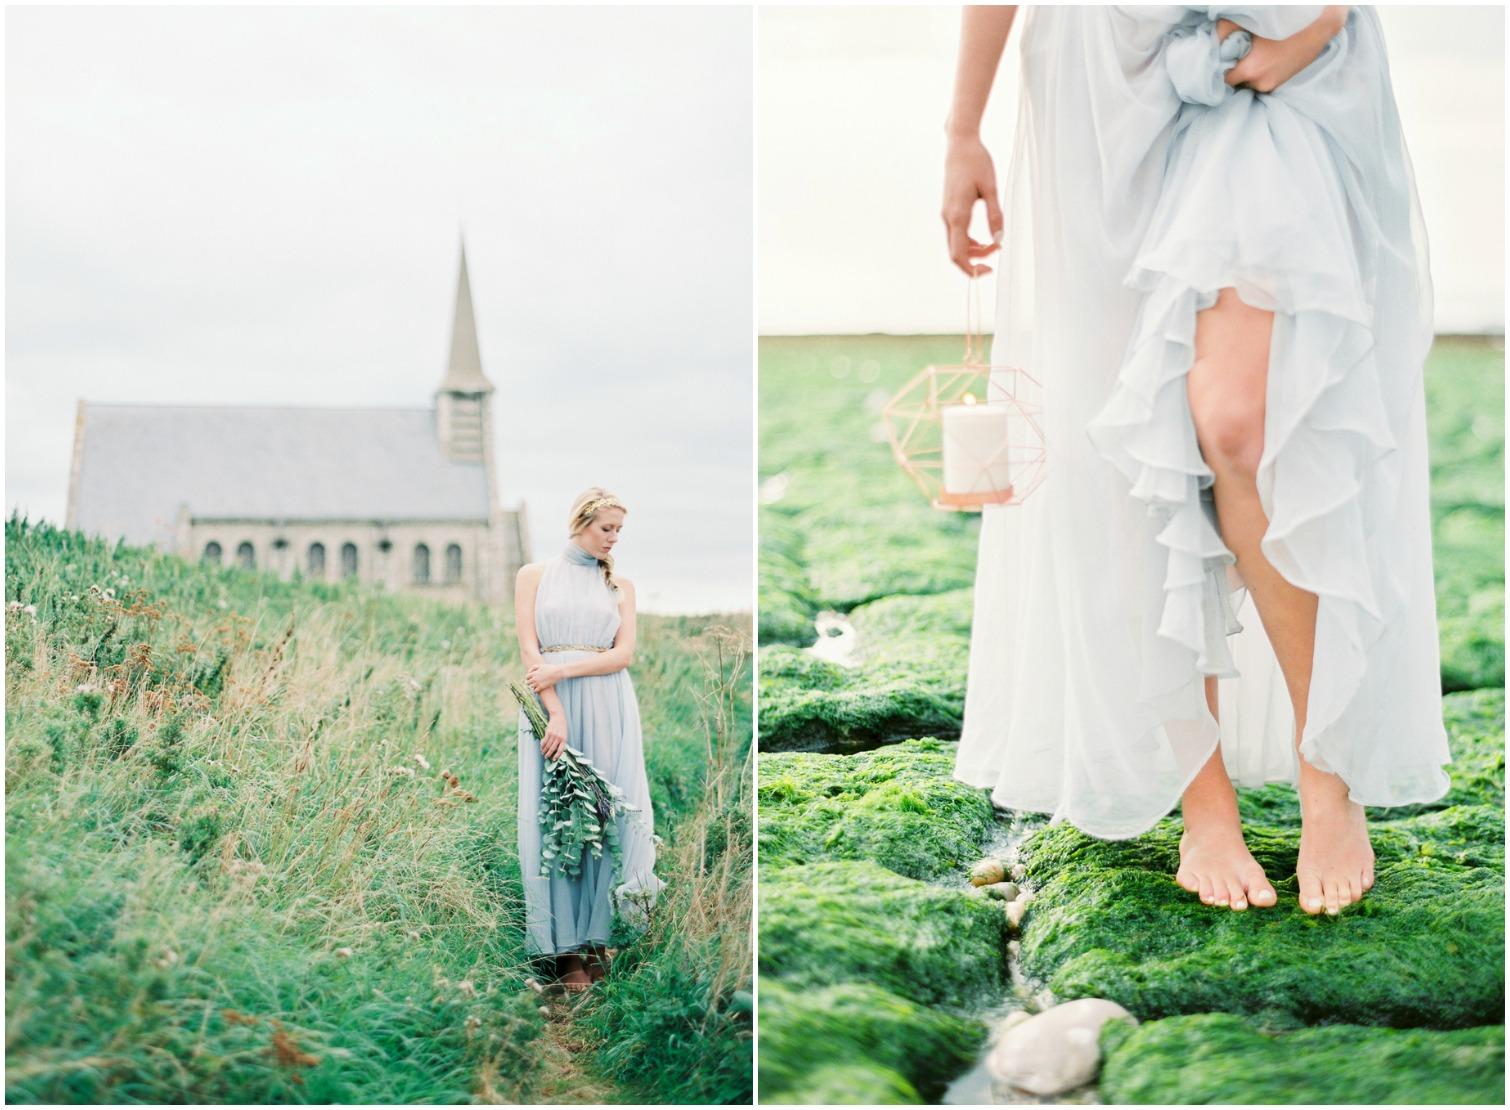 ©celine-chhuon-french-cliffs-bridal-editorial-7.jpg